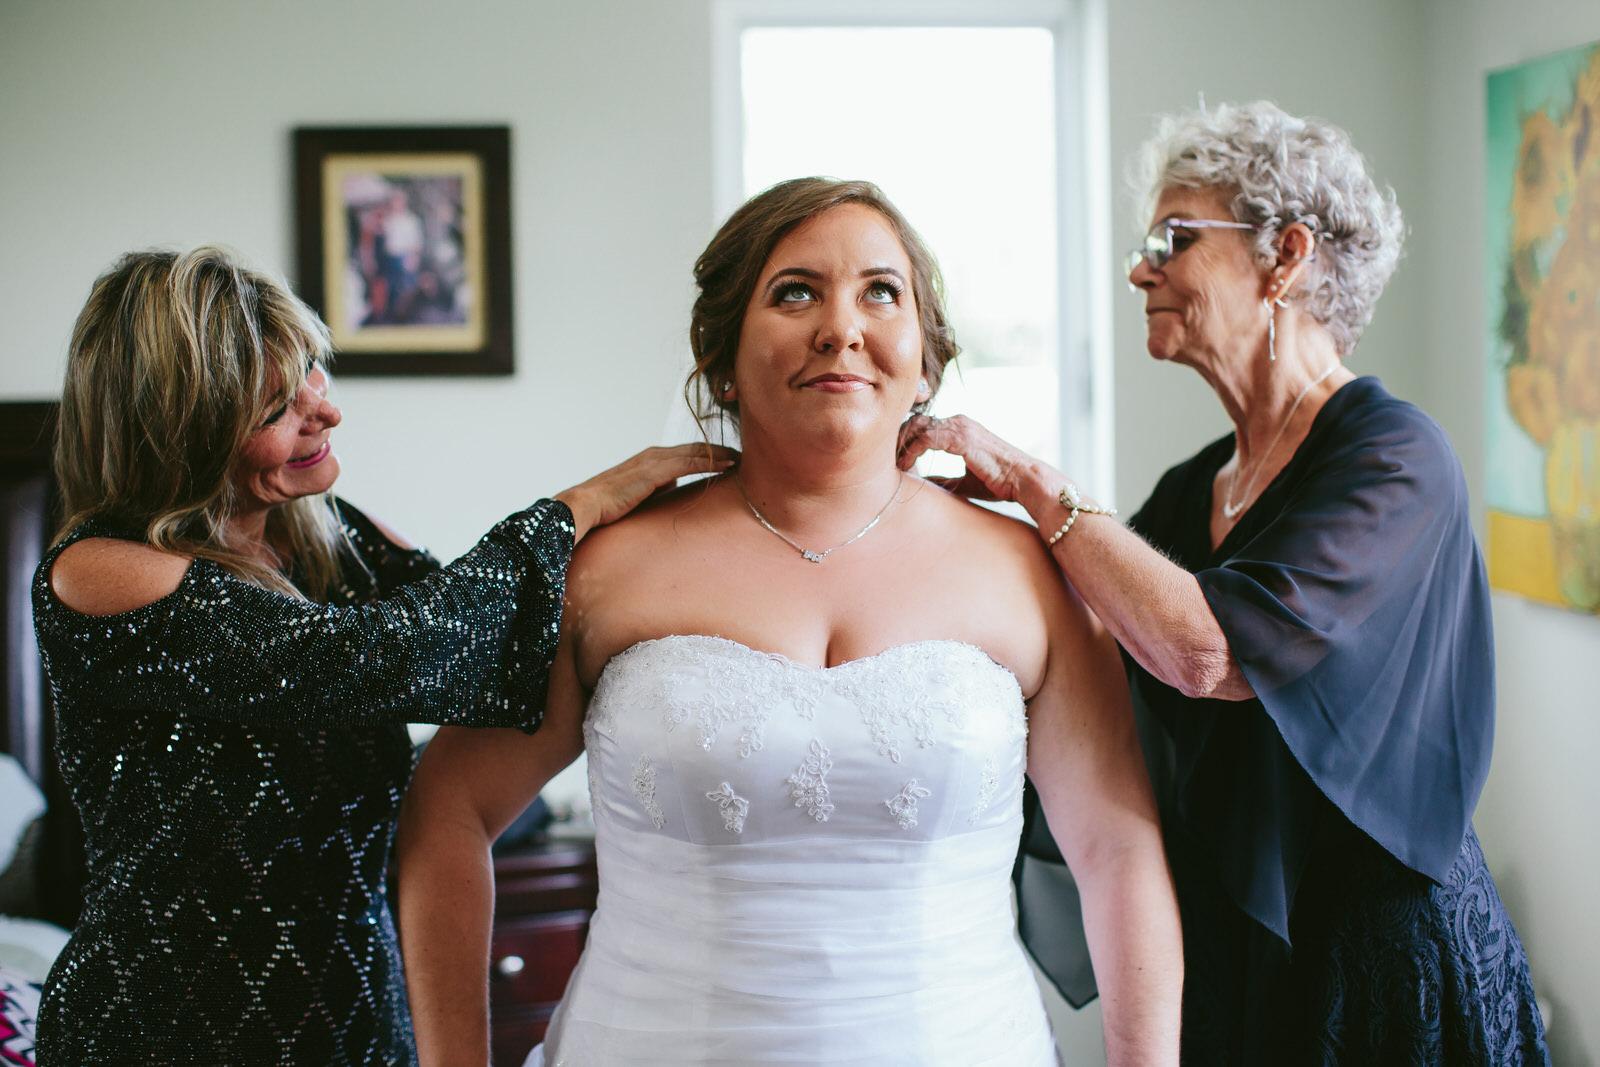 hollywood_estate_wedding_steph_lynn_photo_getting_ready_details-143.jpg